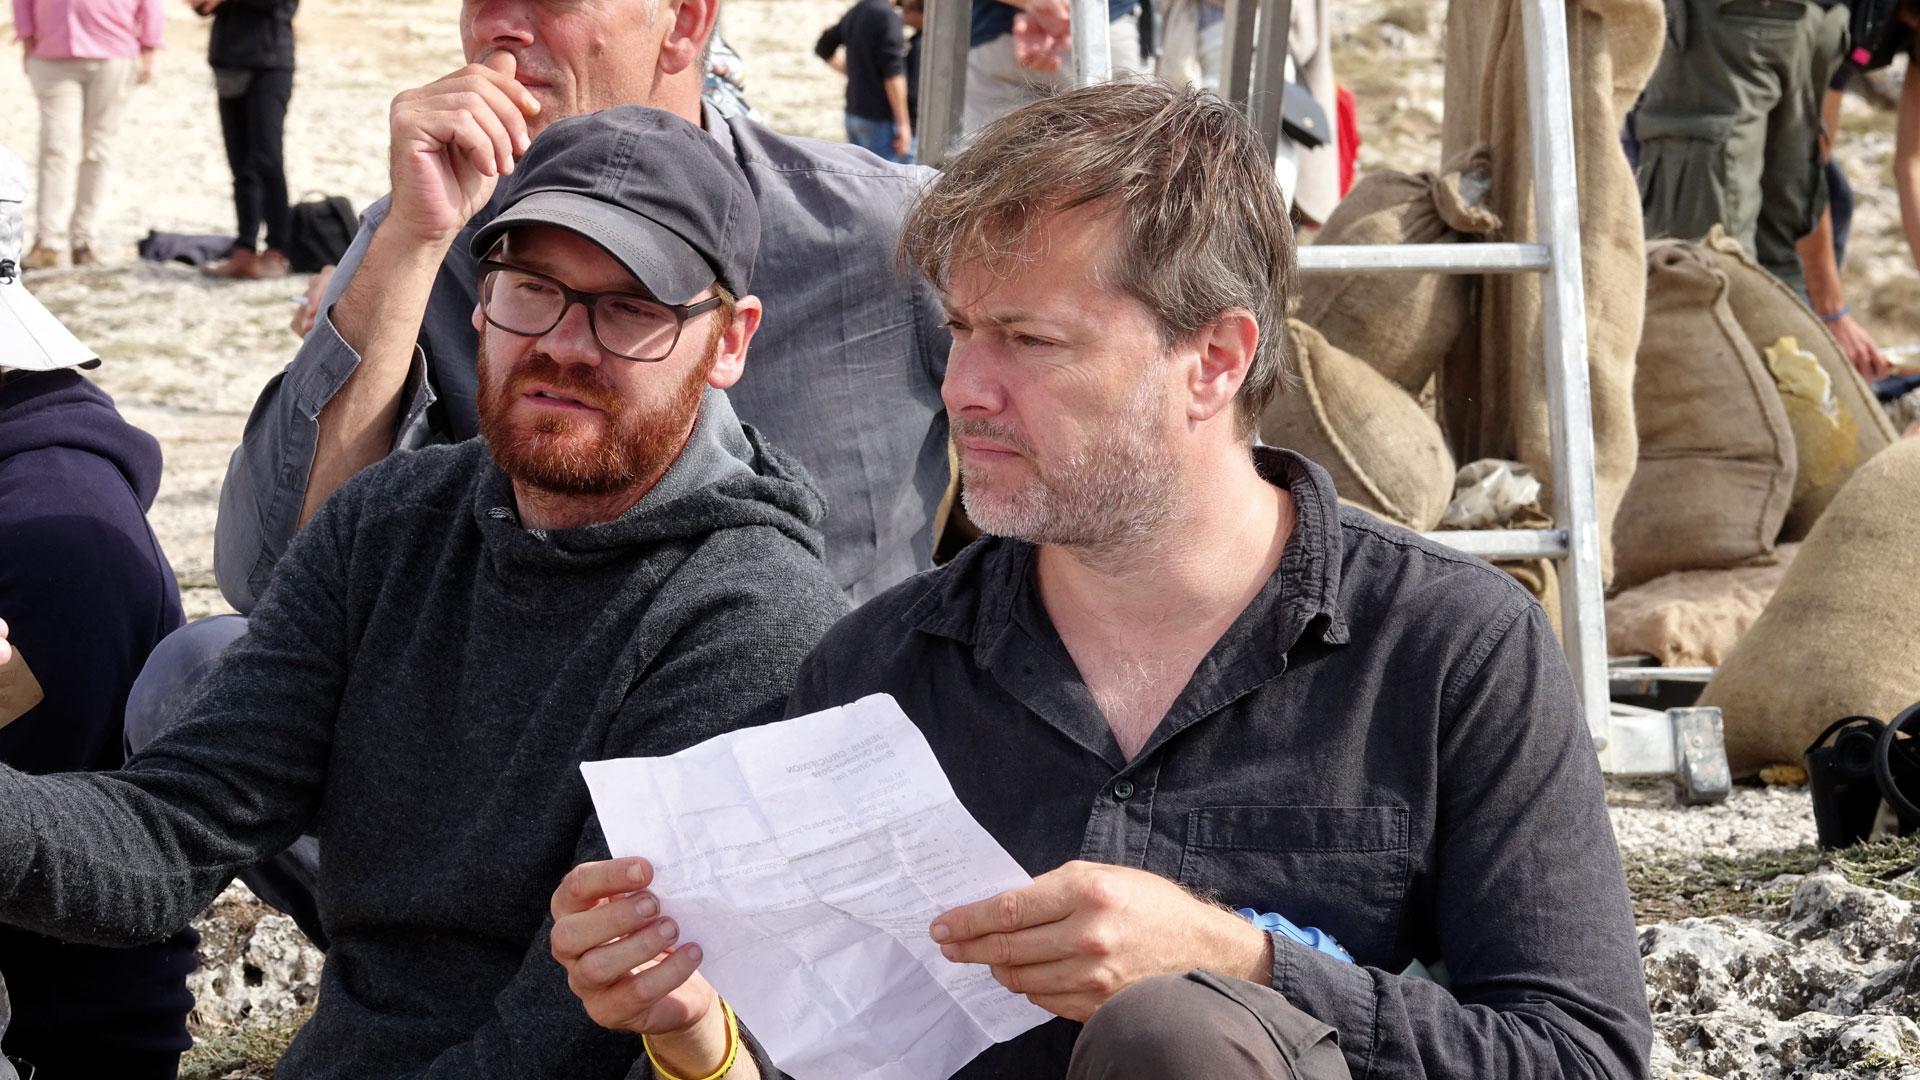 Regisseur Milo Rau (rechts) fand in dem Aktivisten Yvan Sagnet aus Kamerun einen guten Jesus-Darsteller